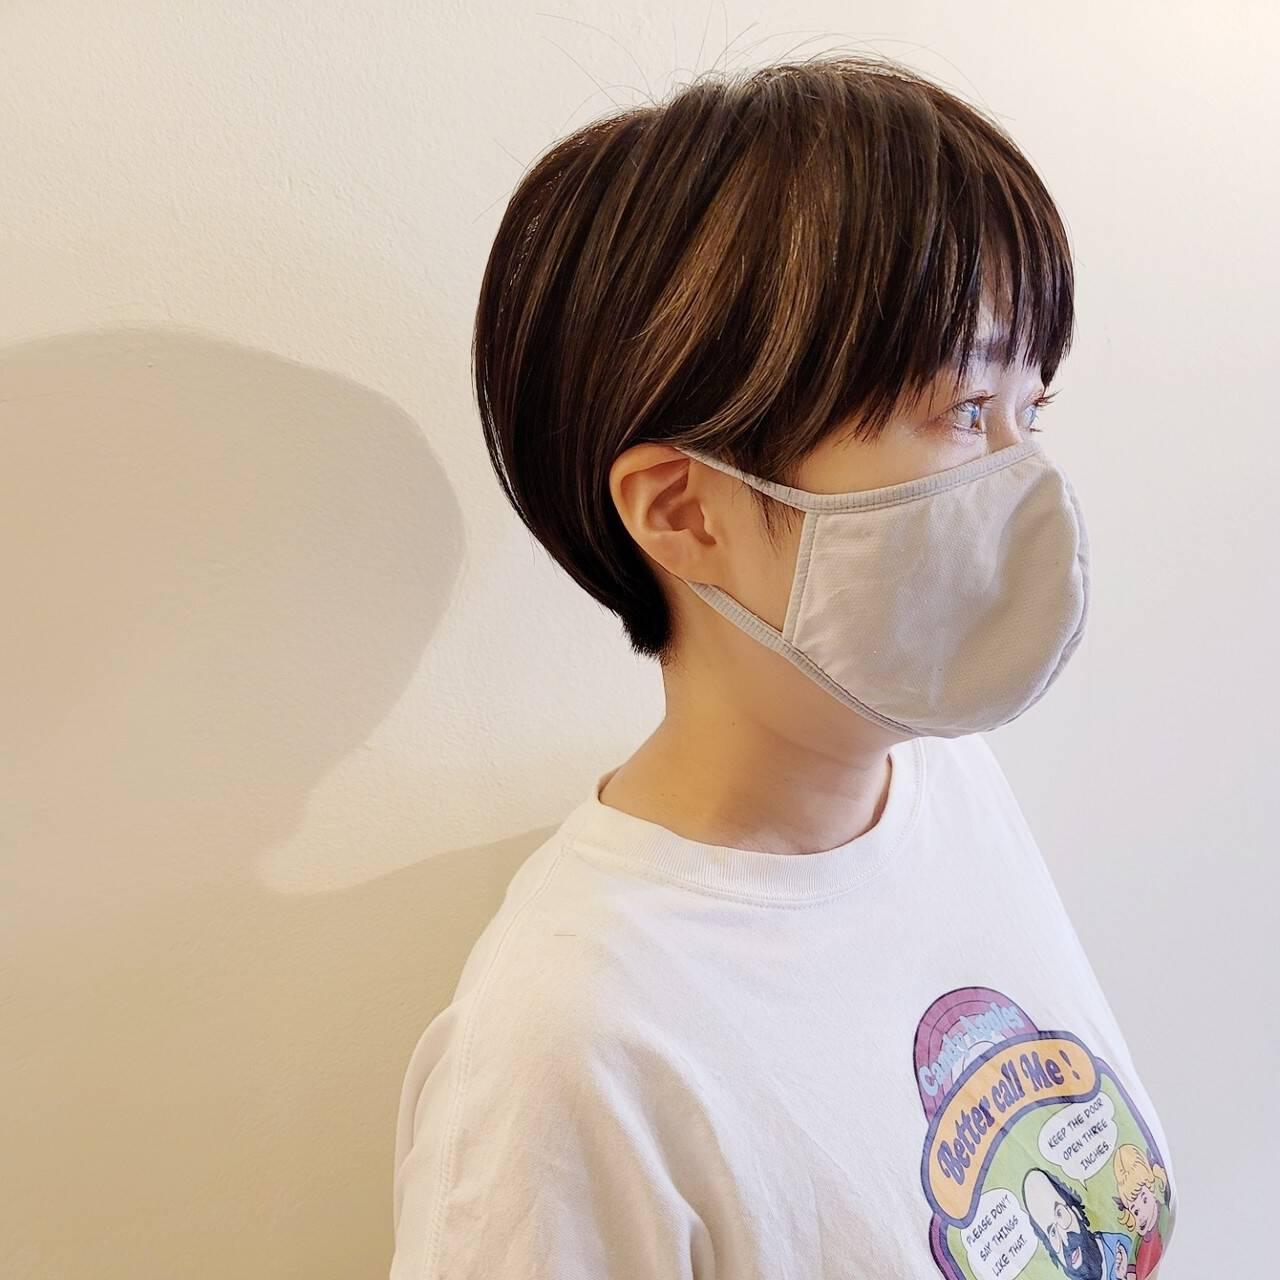 小顔ショート デザインカラー ハイライト ナチュラルヘアスタイルや髪型の写真・画像